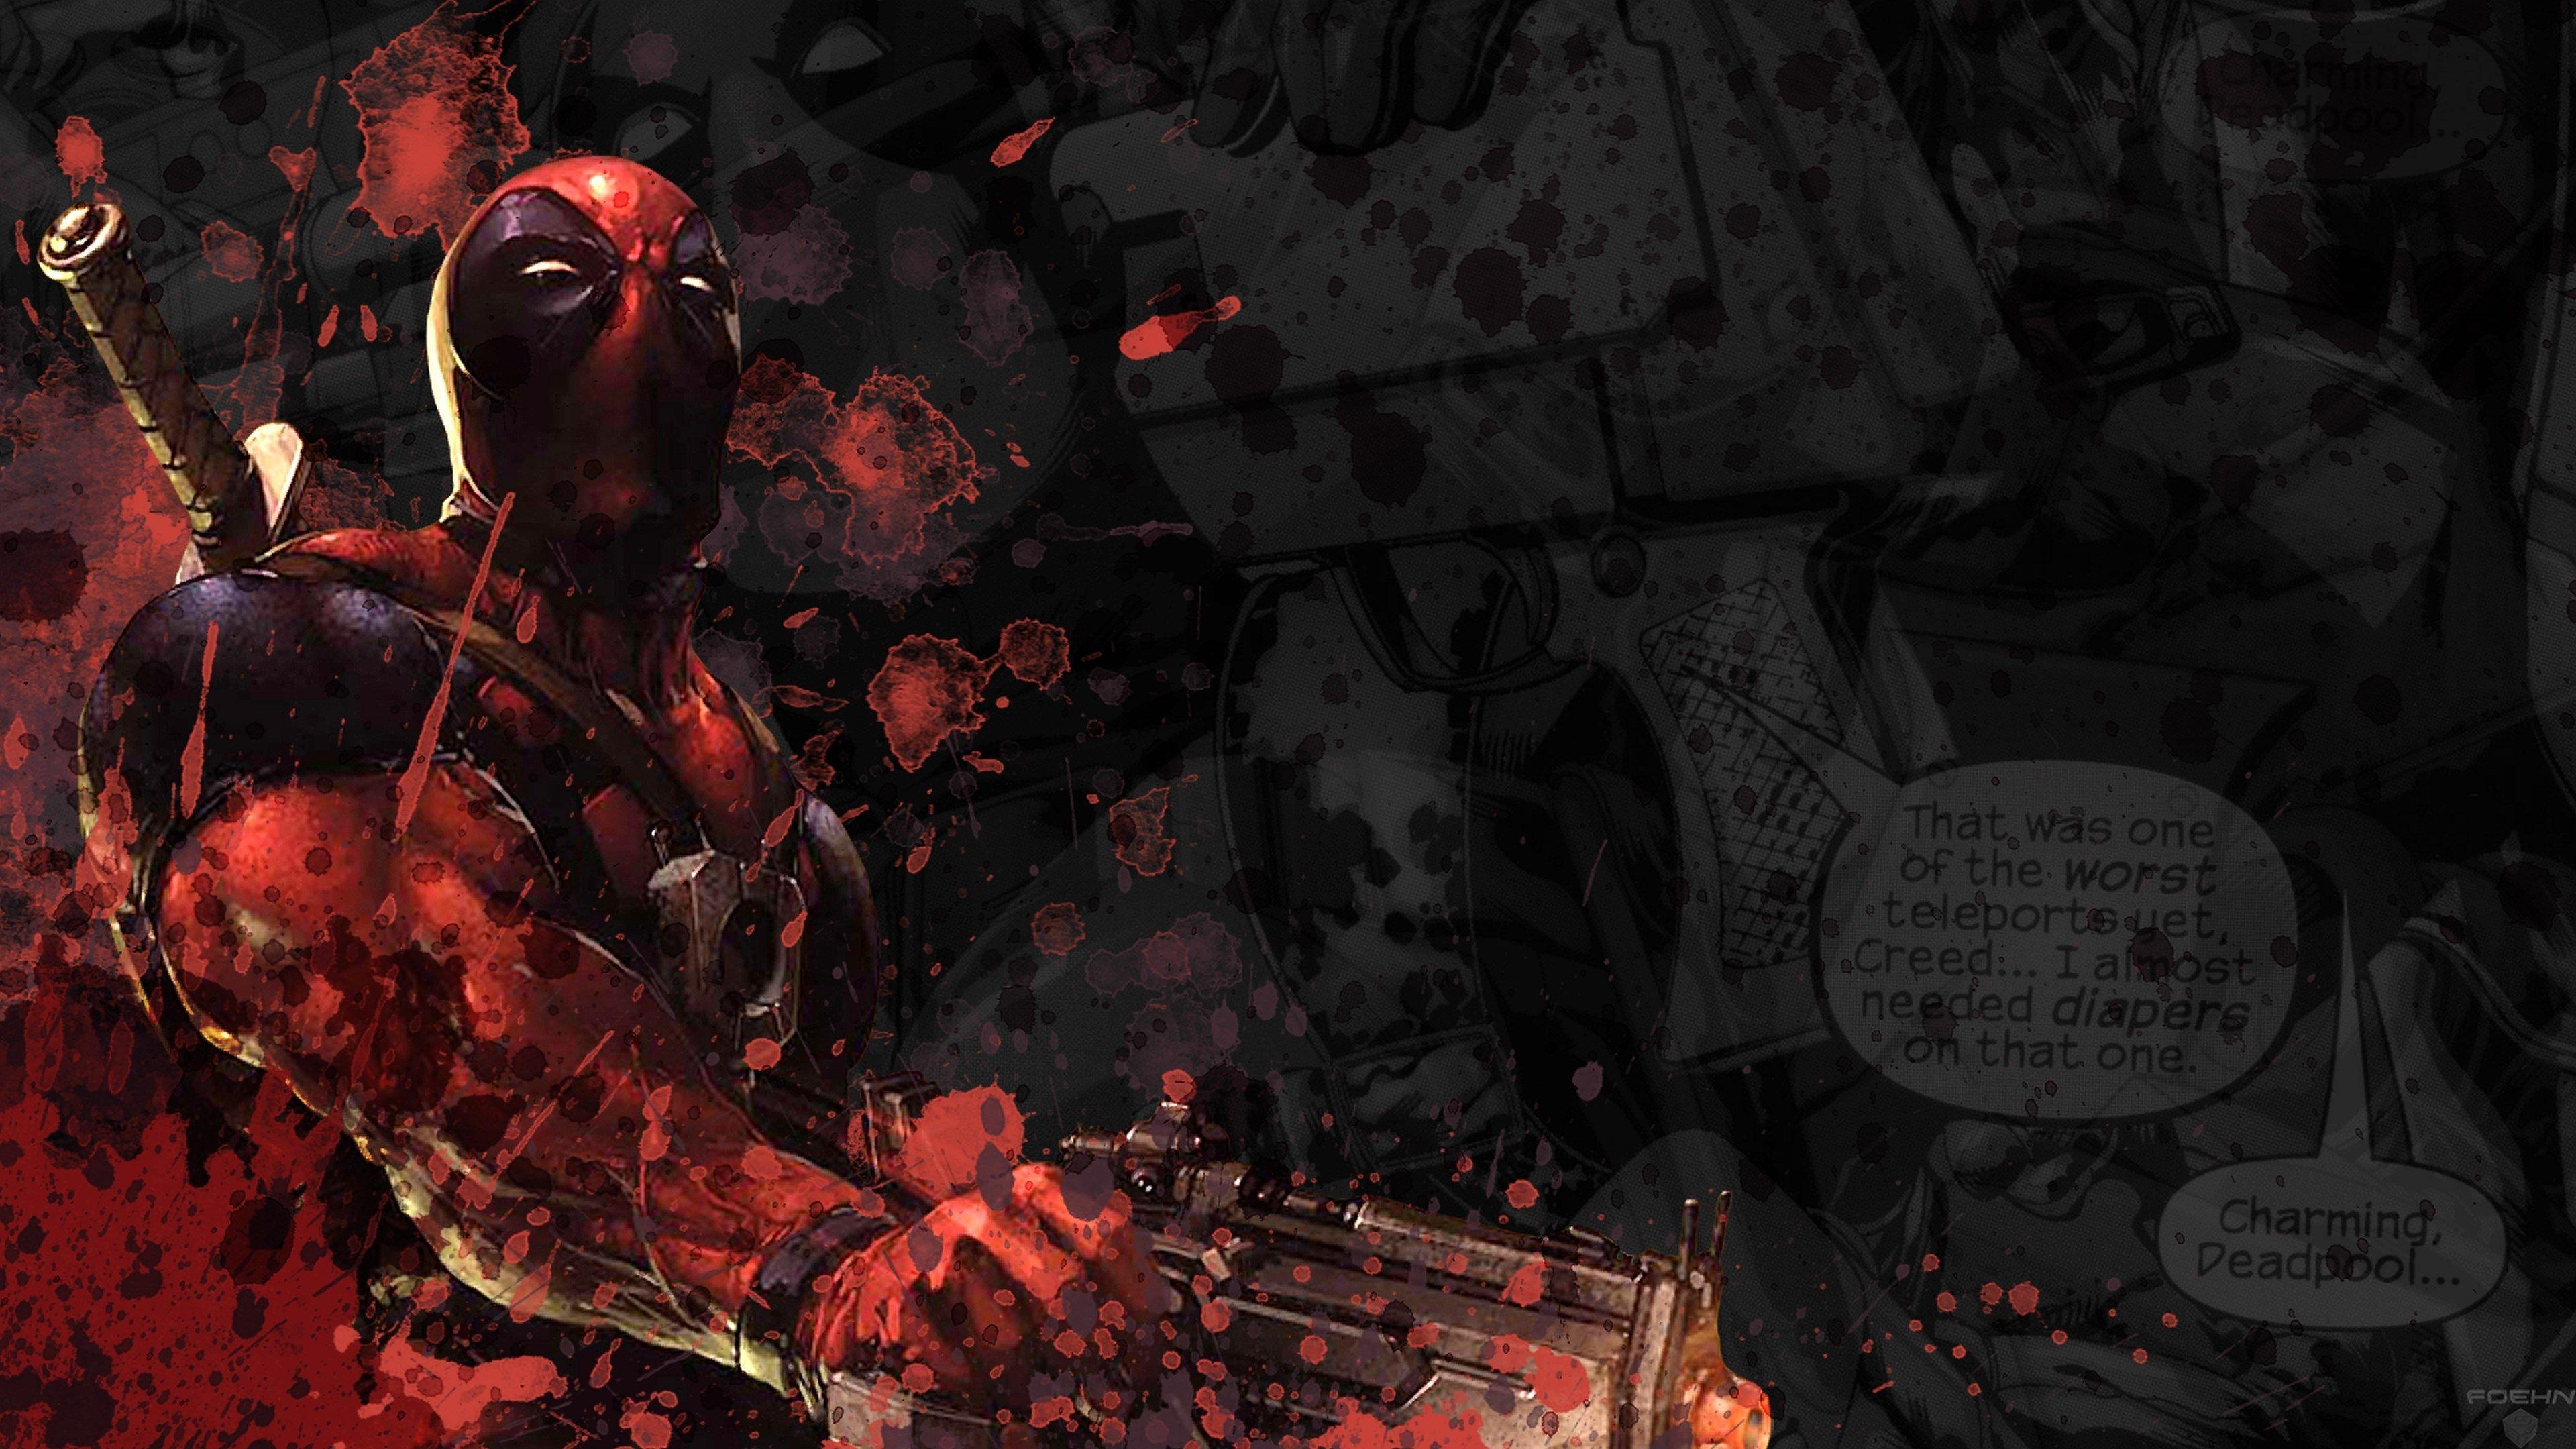 4k Deadpool Wallpapers Top Free 4k Deadpool Backgrounds